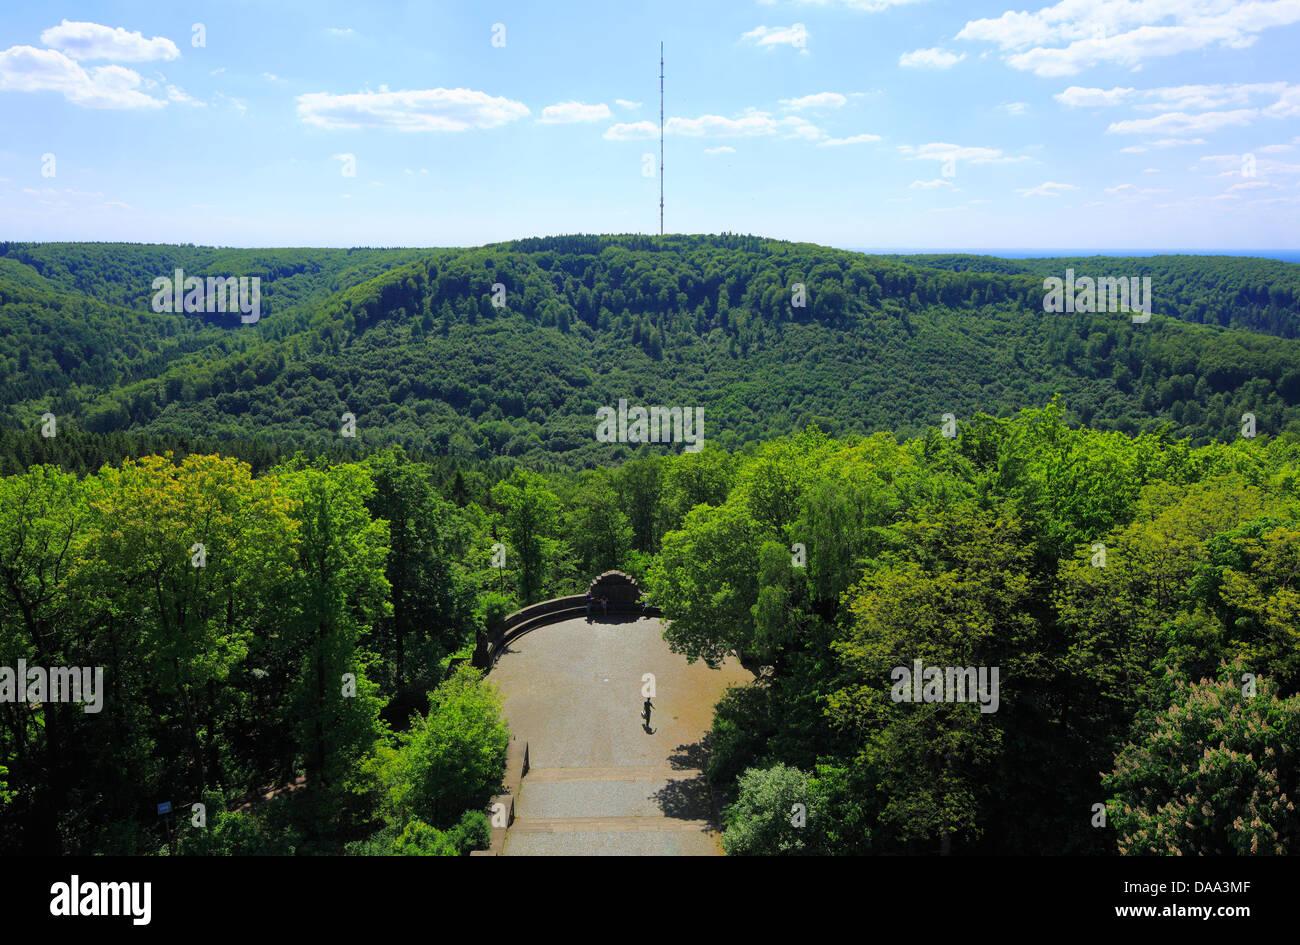 Blick vom Hermannsdenkmal zum Bielstein im Lippischen Wald, Detmold, Teutoburger Wald, Nordrhein-Westfalen Stock Photo